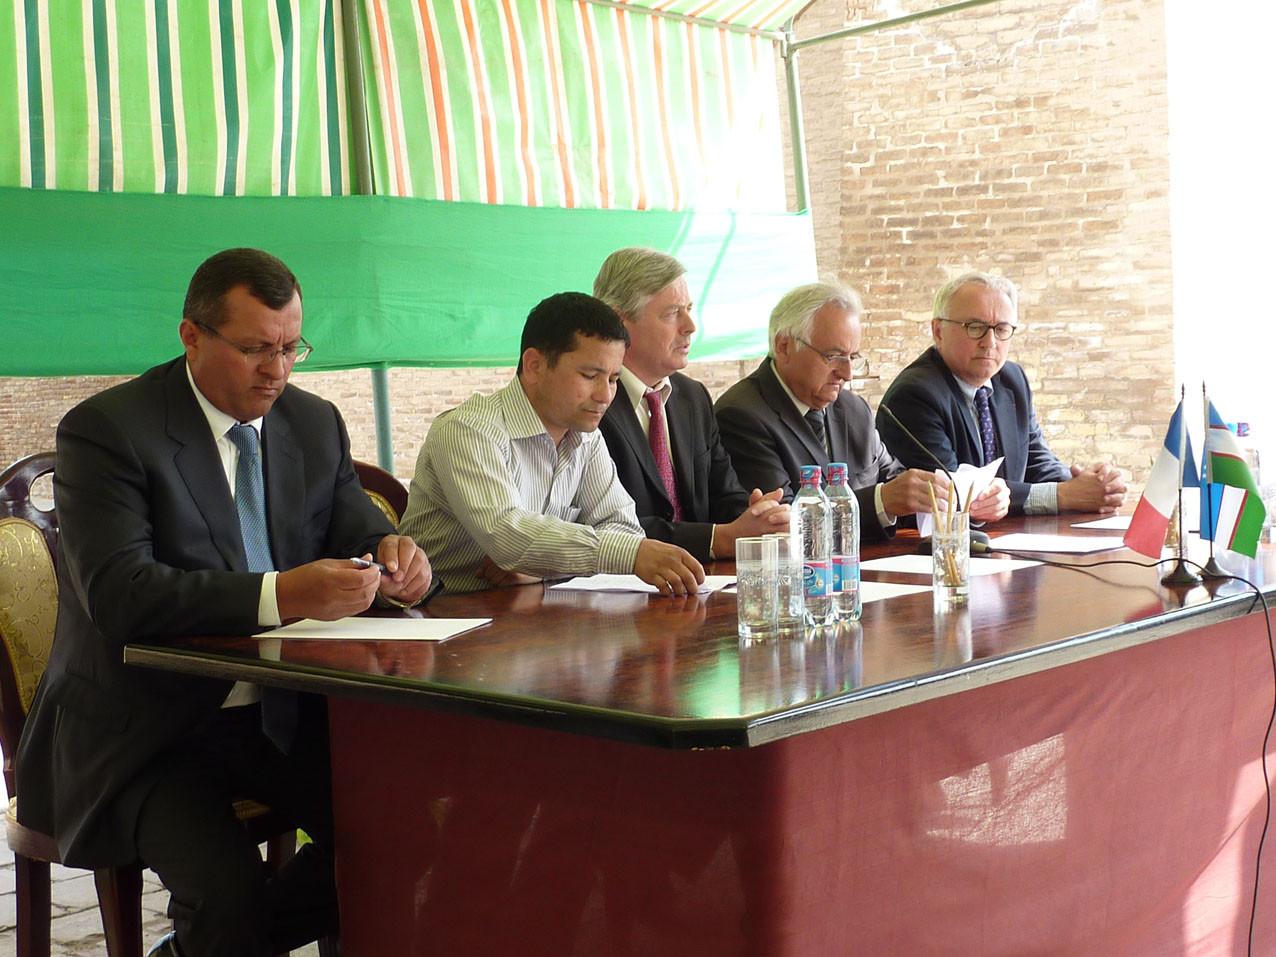 Discours inaugural en présence de M. l'Ambassadeur de France, les représentants de la Région du Kashkadarya, le Conseil Général de la Dordogne, l'entreprise SOCRA, la ville de Shahrisabz, le musée de Shahrisabz (Socra, 2012)